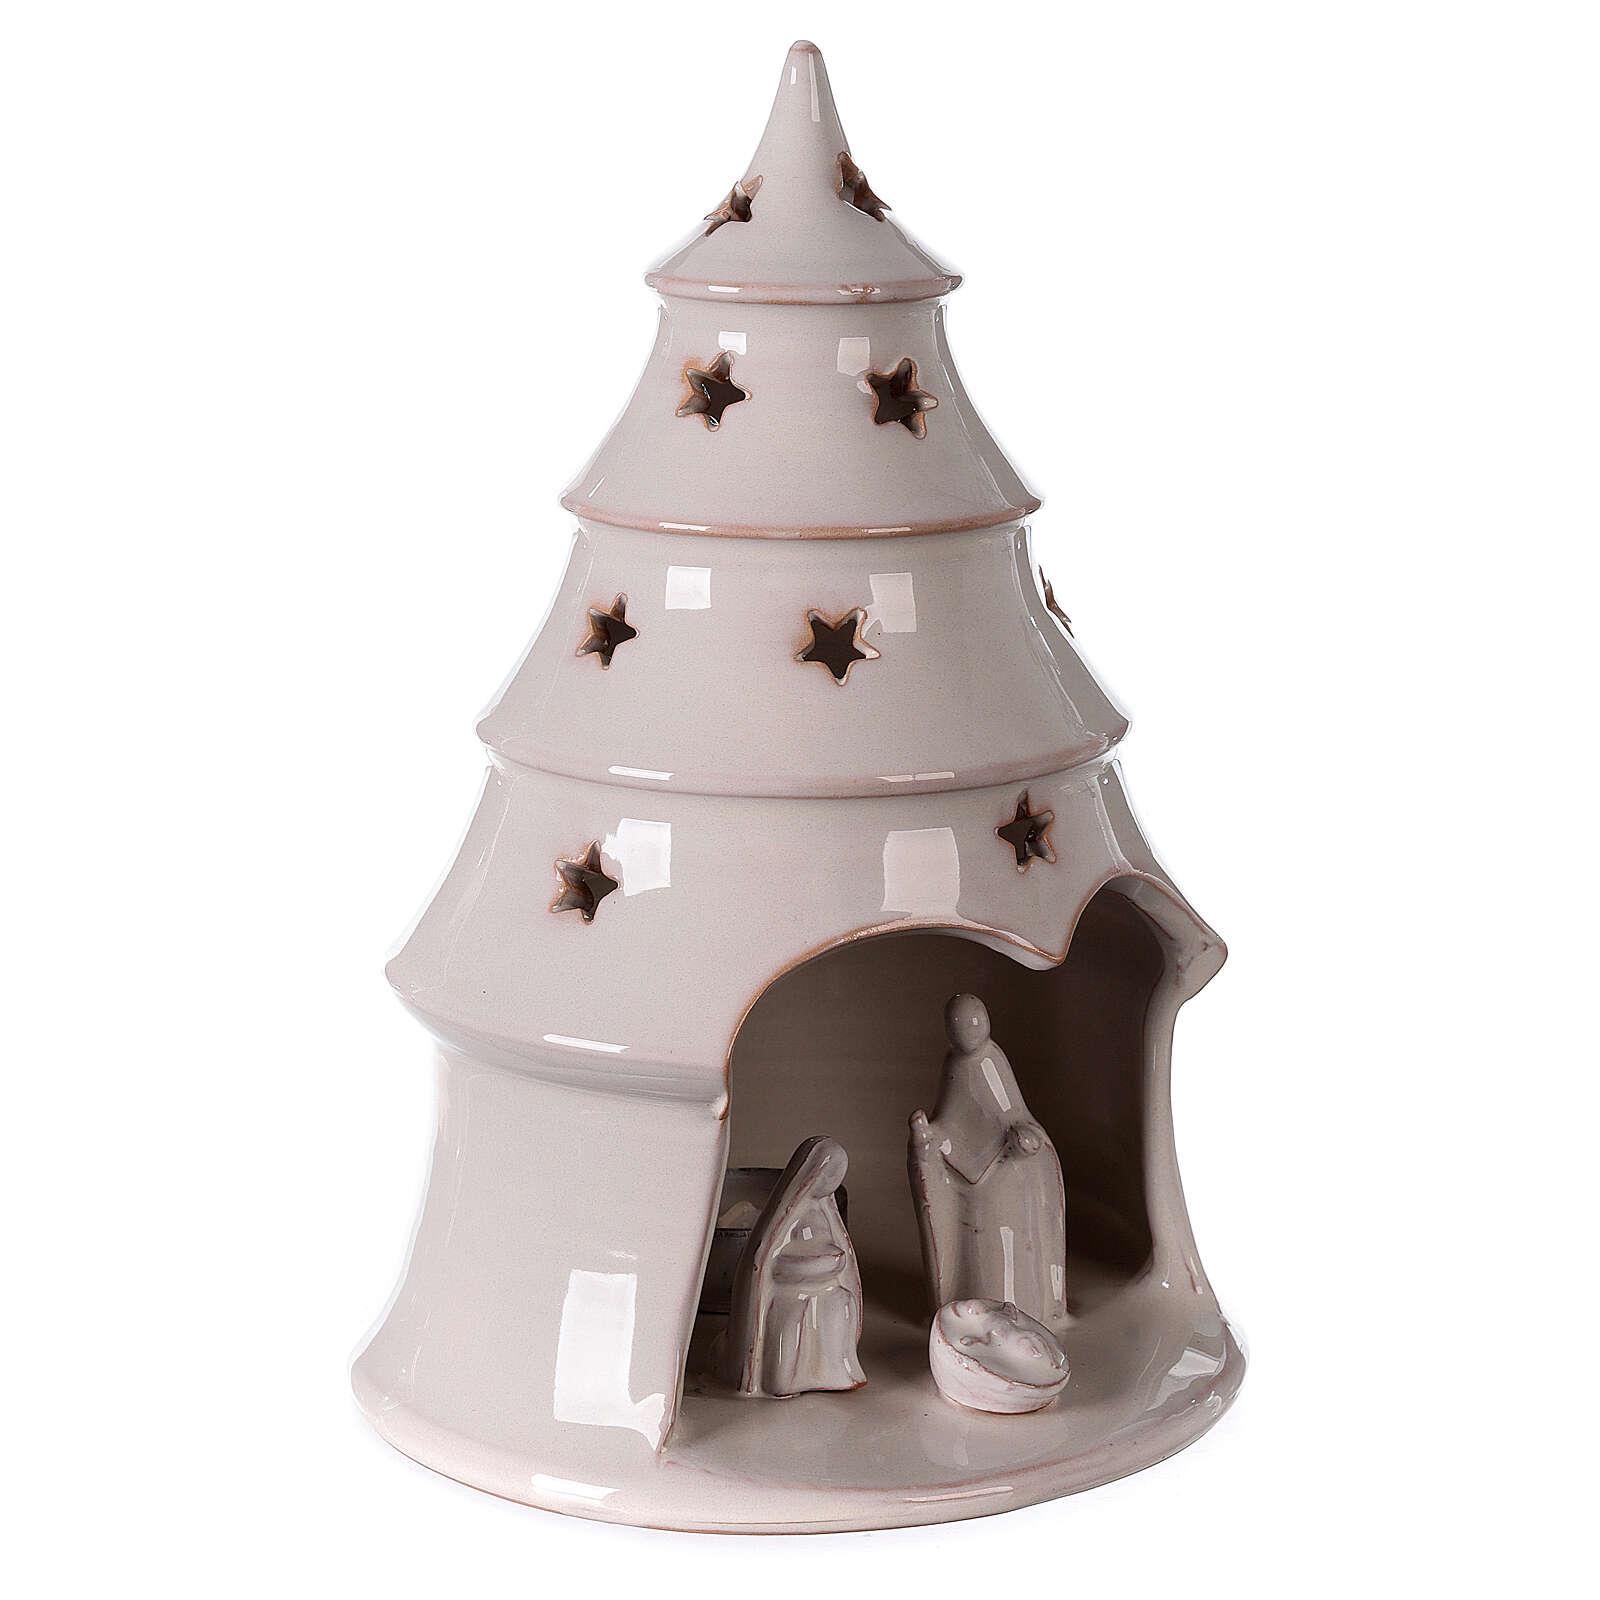 Albero Natale con Natività terracotta bianca Deruta 25 cm 4